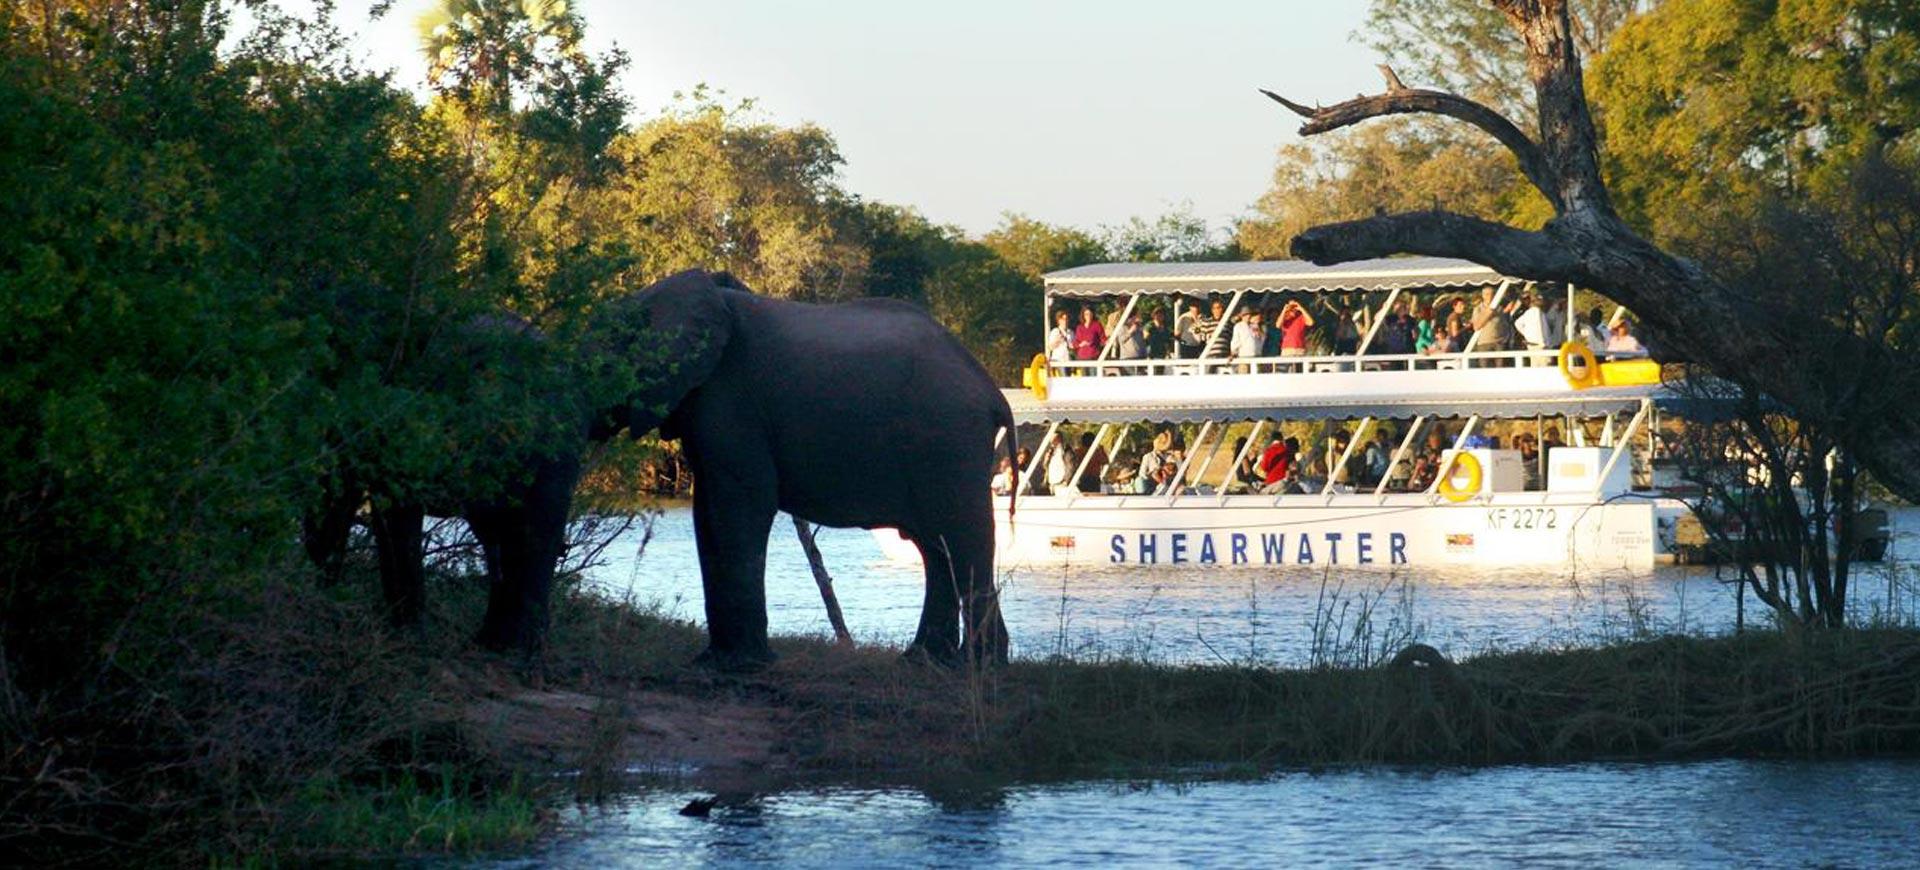 Classic Zambezi River Sunset Cruise